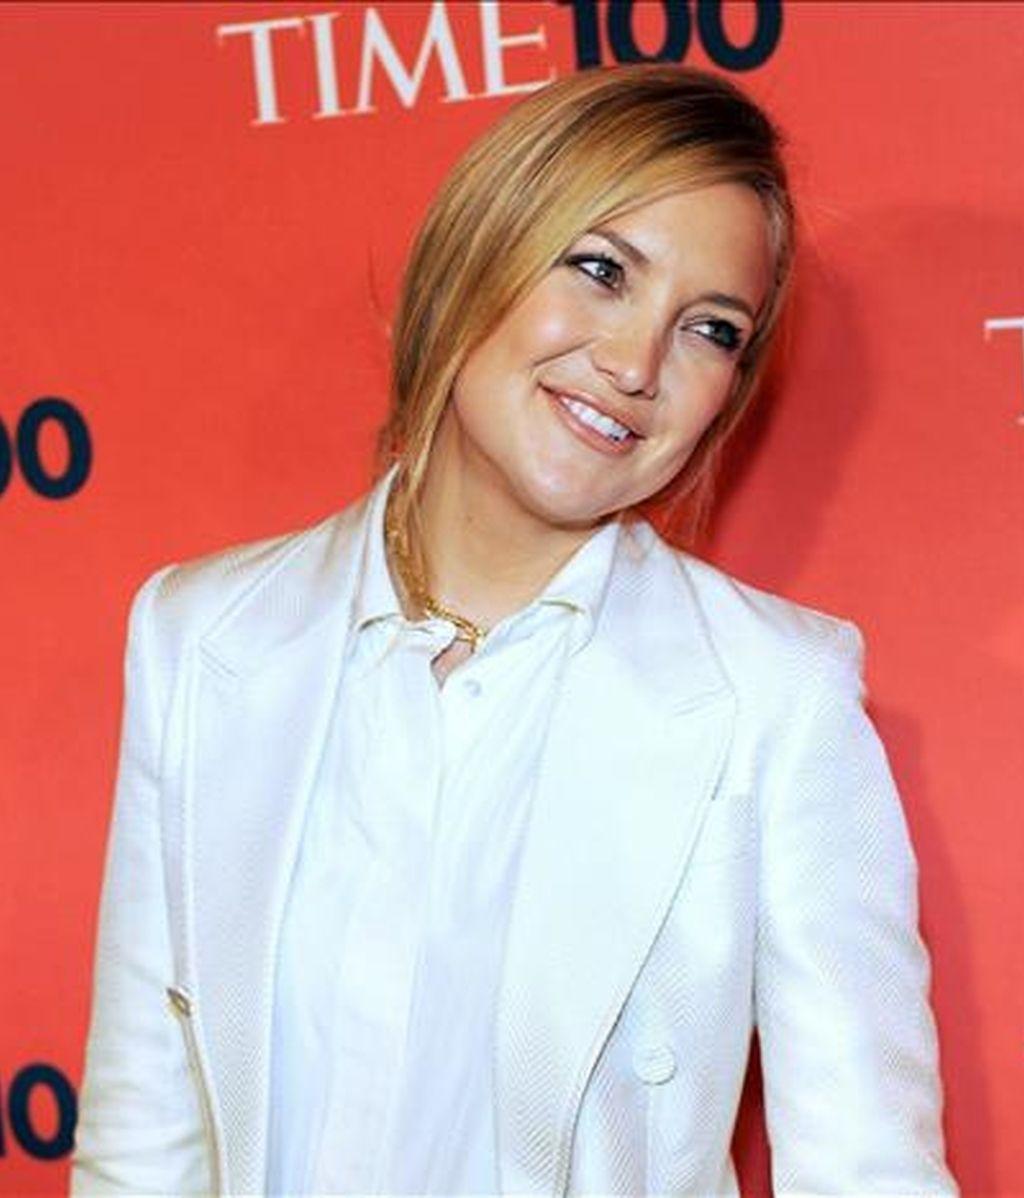 La actiz estadounidense Kate Hudson posa el pasado 5 de mayo a su llegada a la la gala 100 de la revista Time para la celebración del evento de las 100 personas más influyentes en el mundo que se llevó a cabo en Nueva York (EEUU). EFE/Archivo